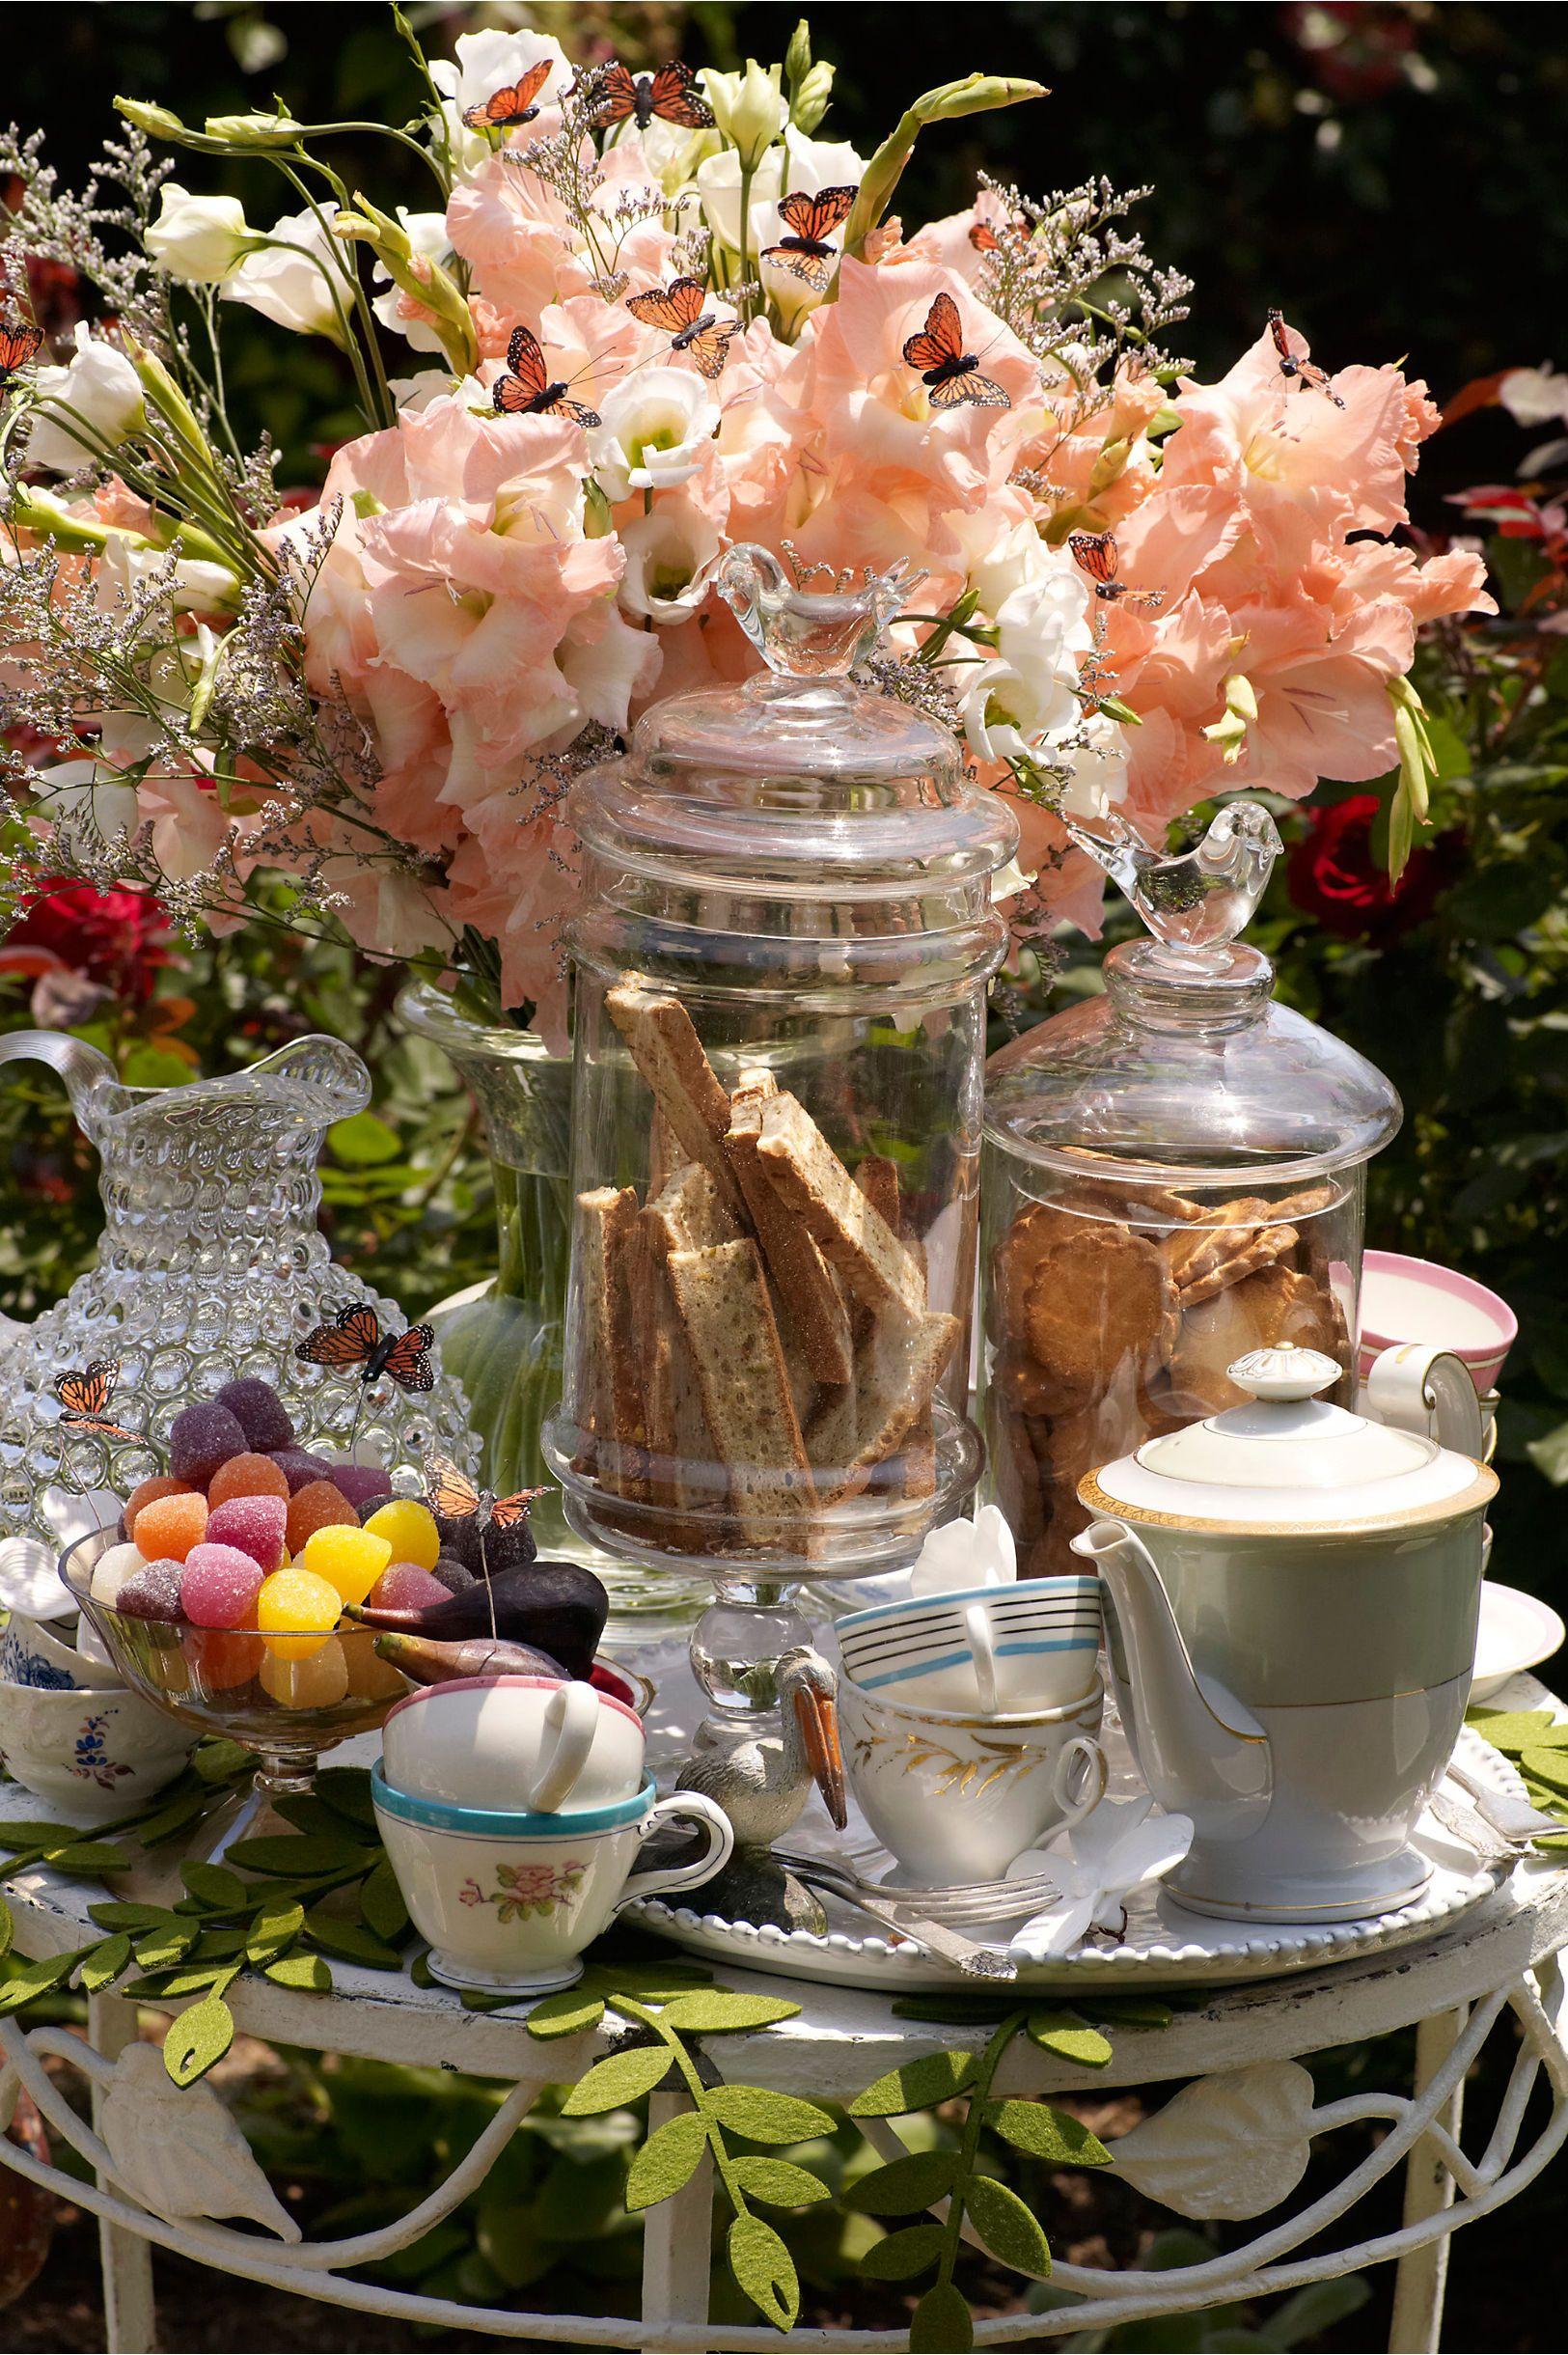 ╰☆Entertaining ~ Fabulous☆╮  ***~Tea display~***  Flowers and tea.  Wonderful